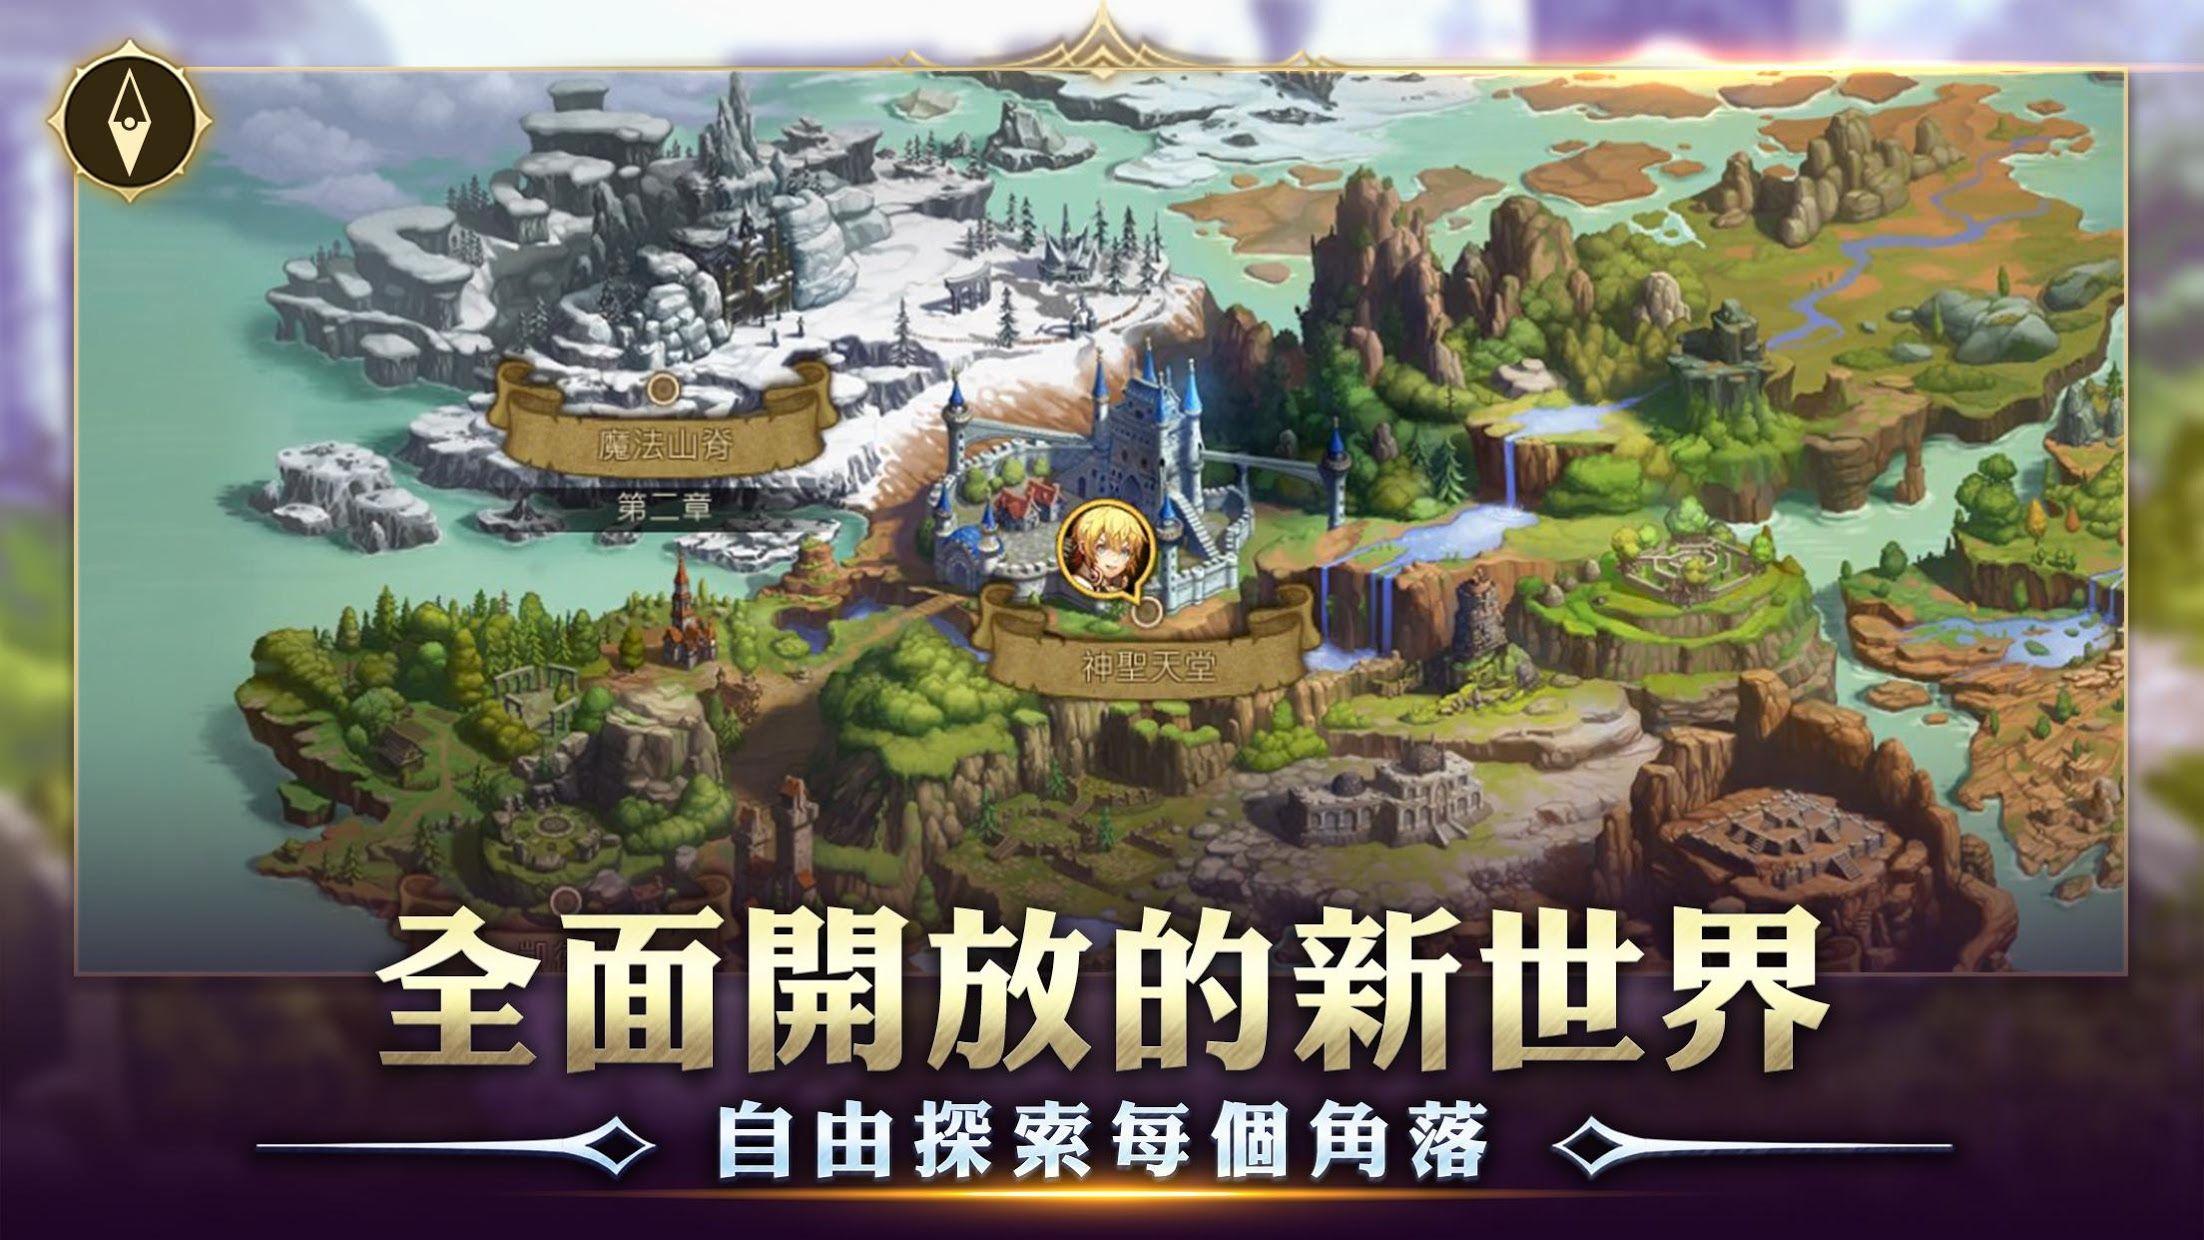 龙之谷:新世界 游戏截图2